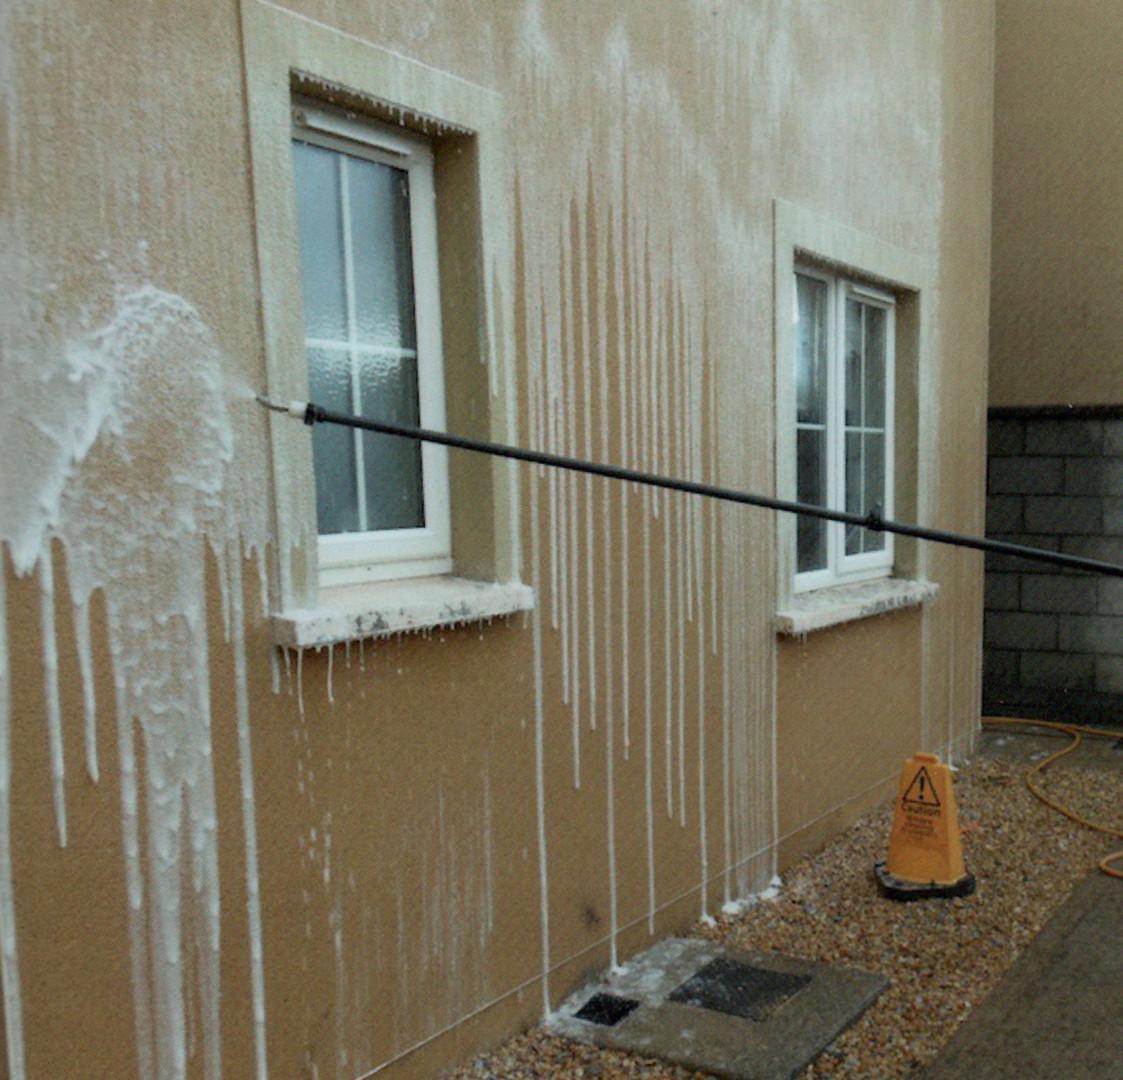 Using the Soft Washing method.